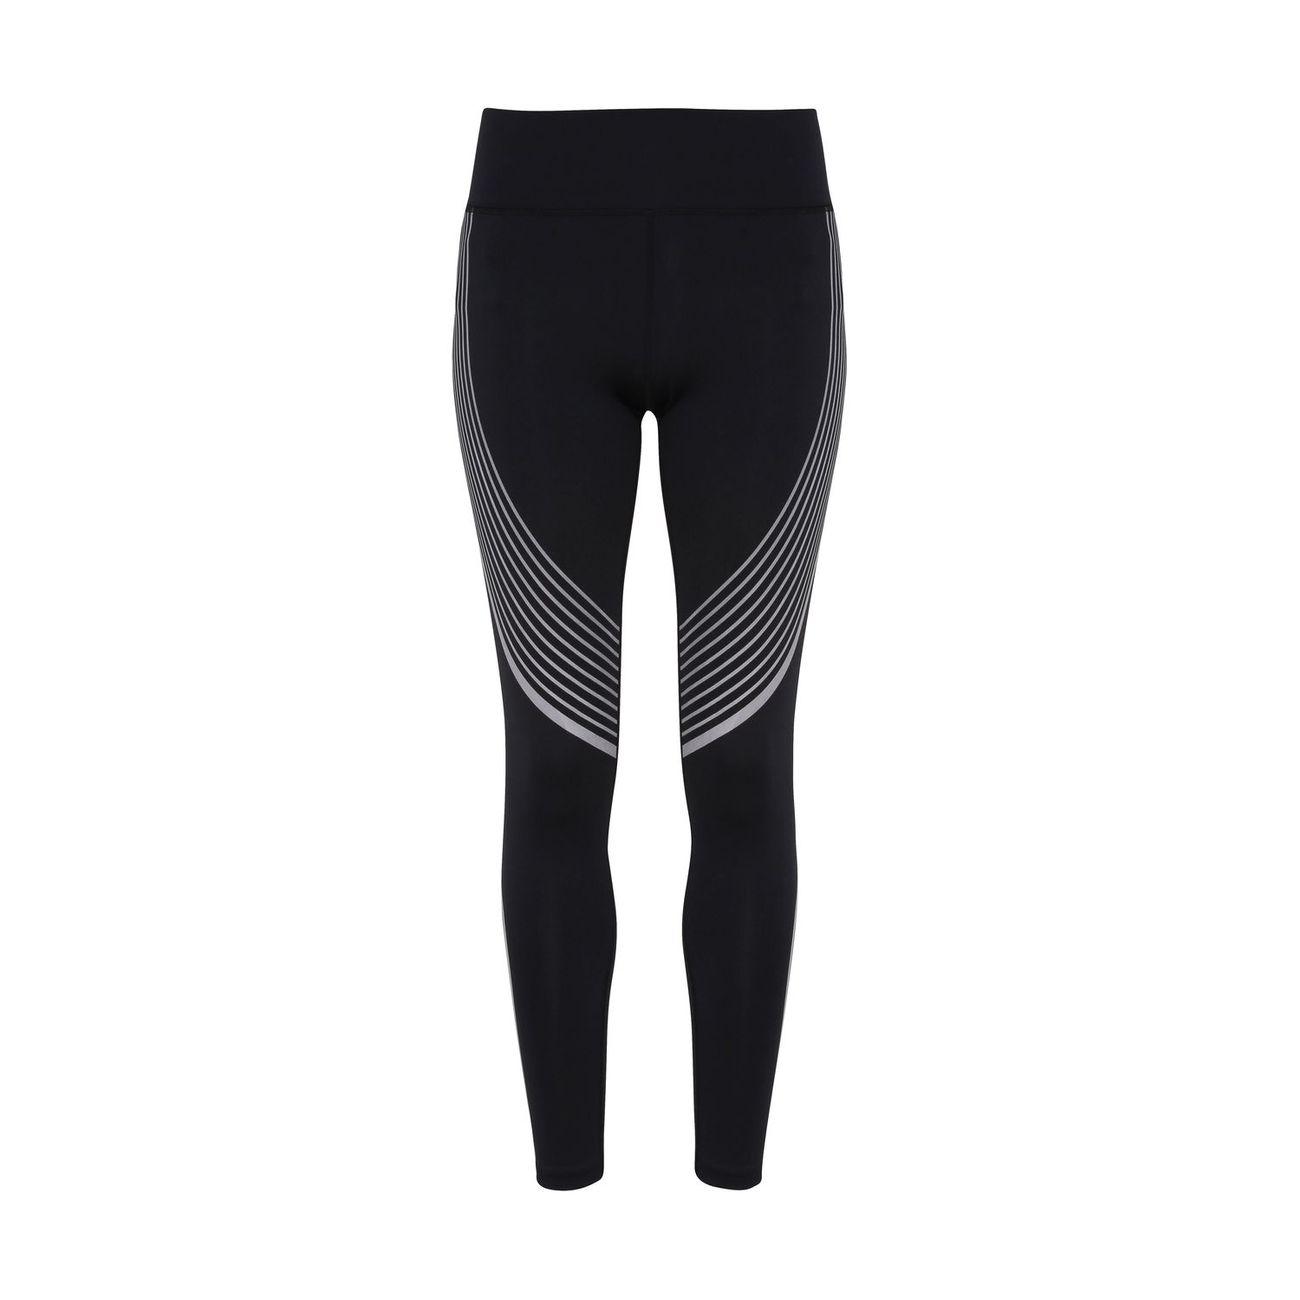 Fitness femme TRI DRI Legging performance réfléchissant pour femme - TR306 - noir